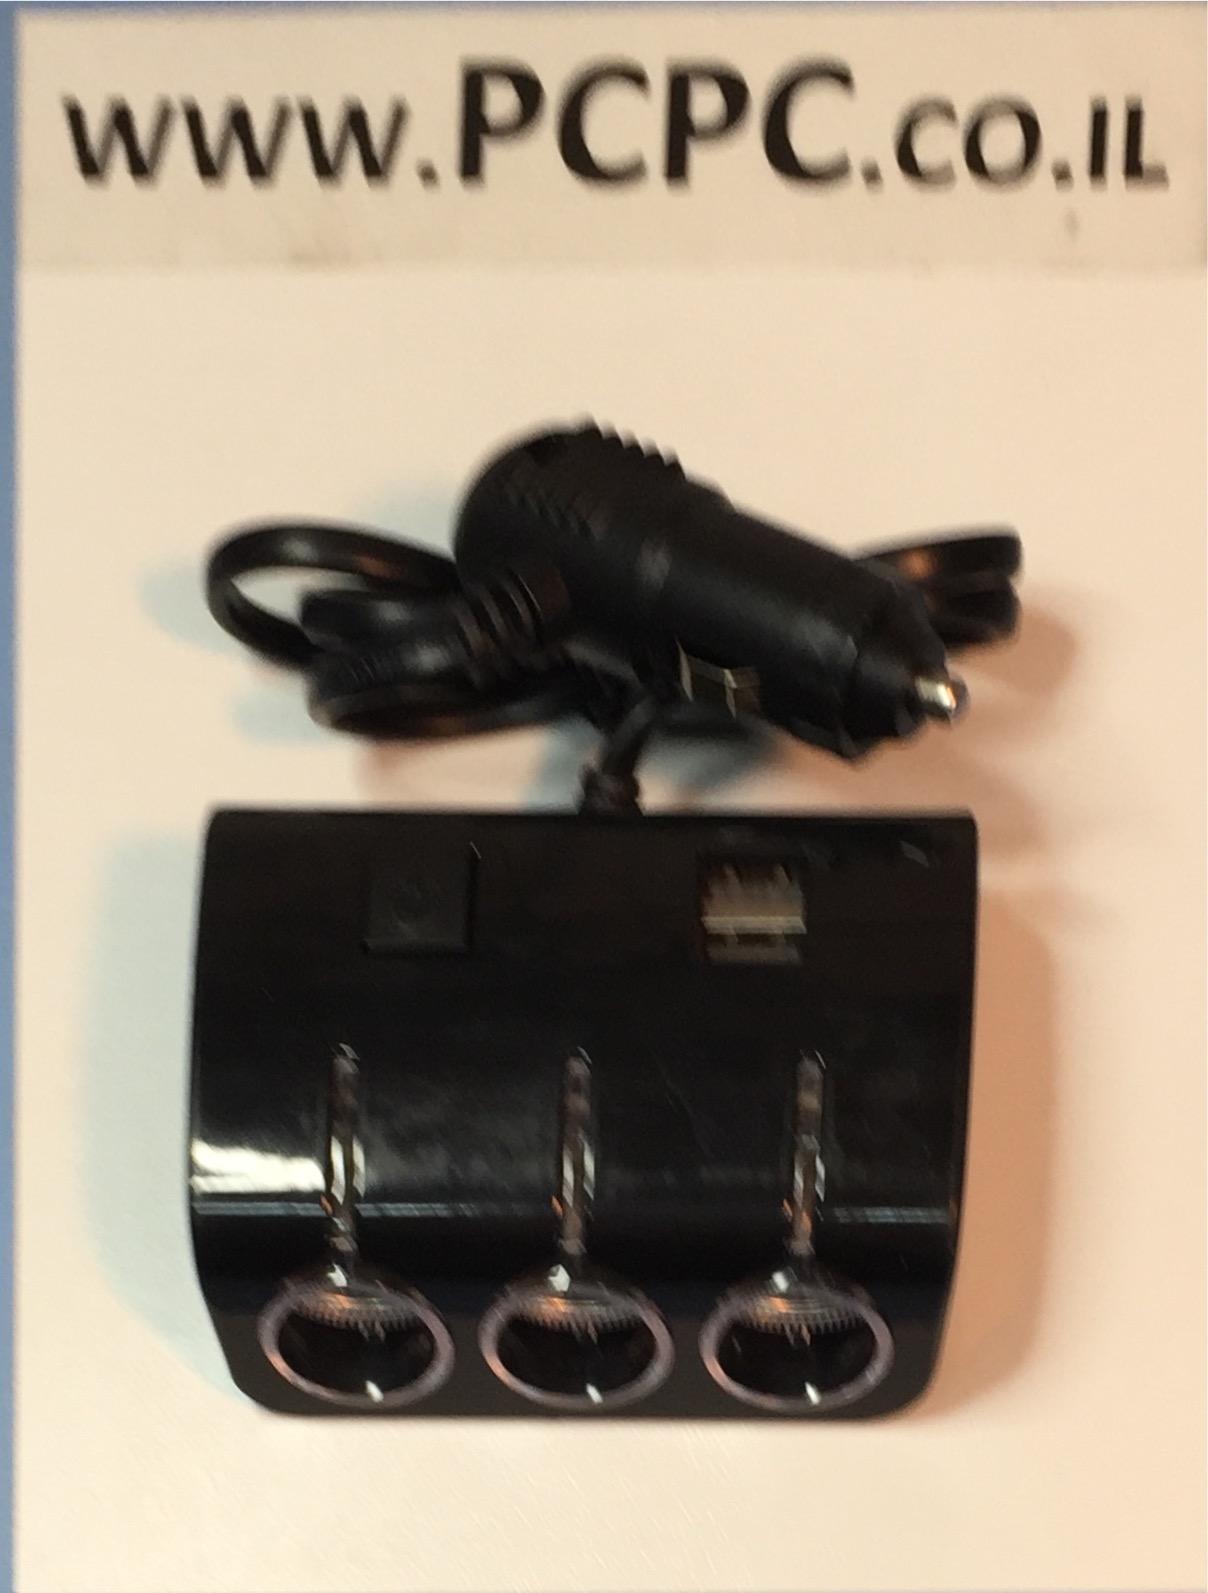 מפצל מצת לרכב ל 3   מצתים עם 2 כניסות USB חשמל 12V-24V